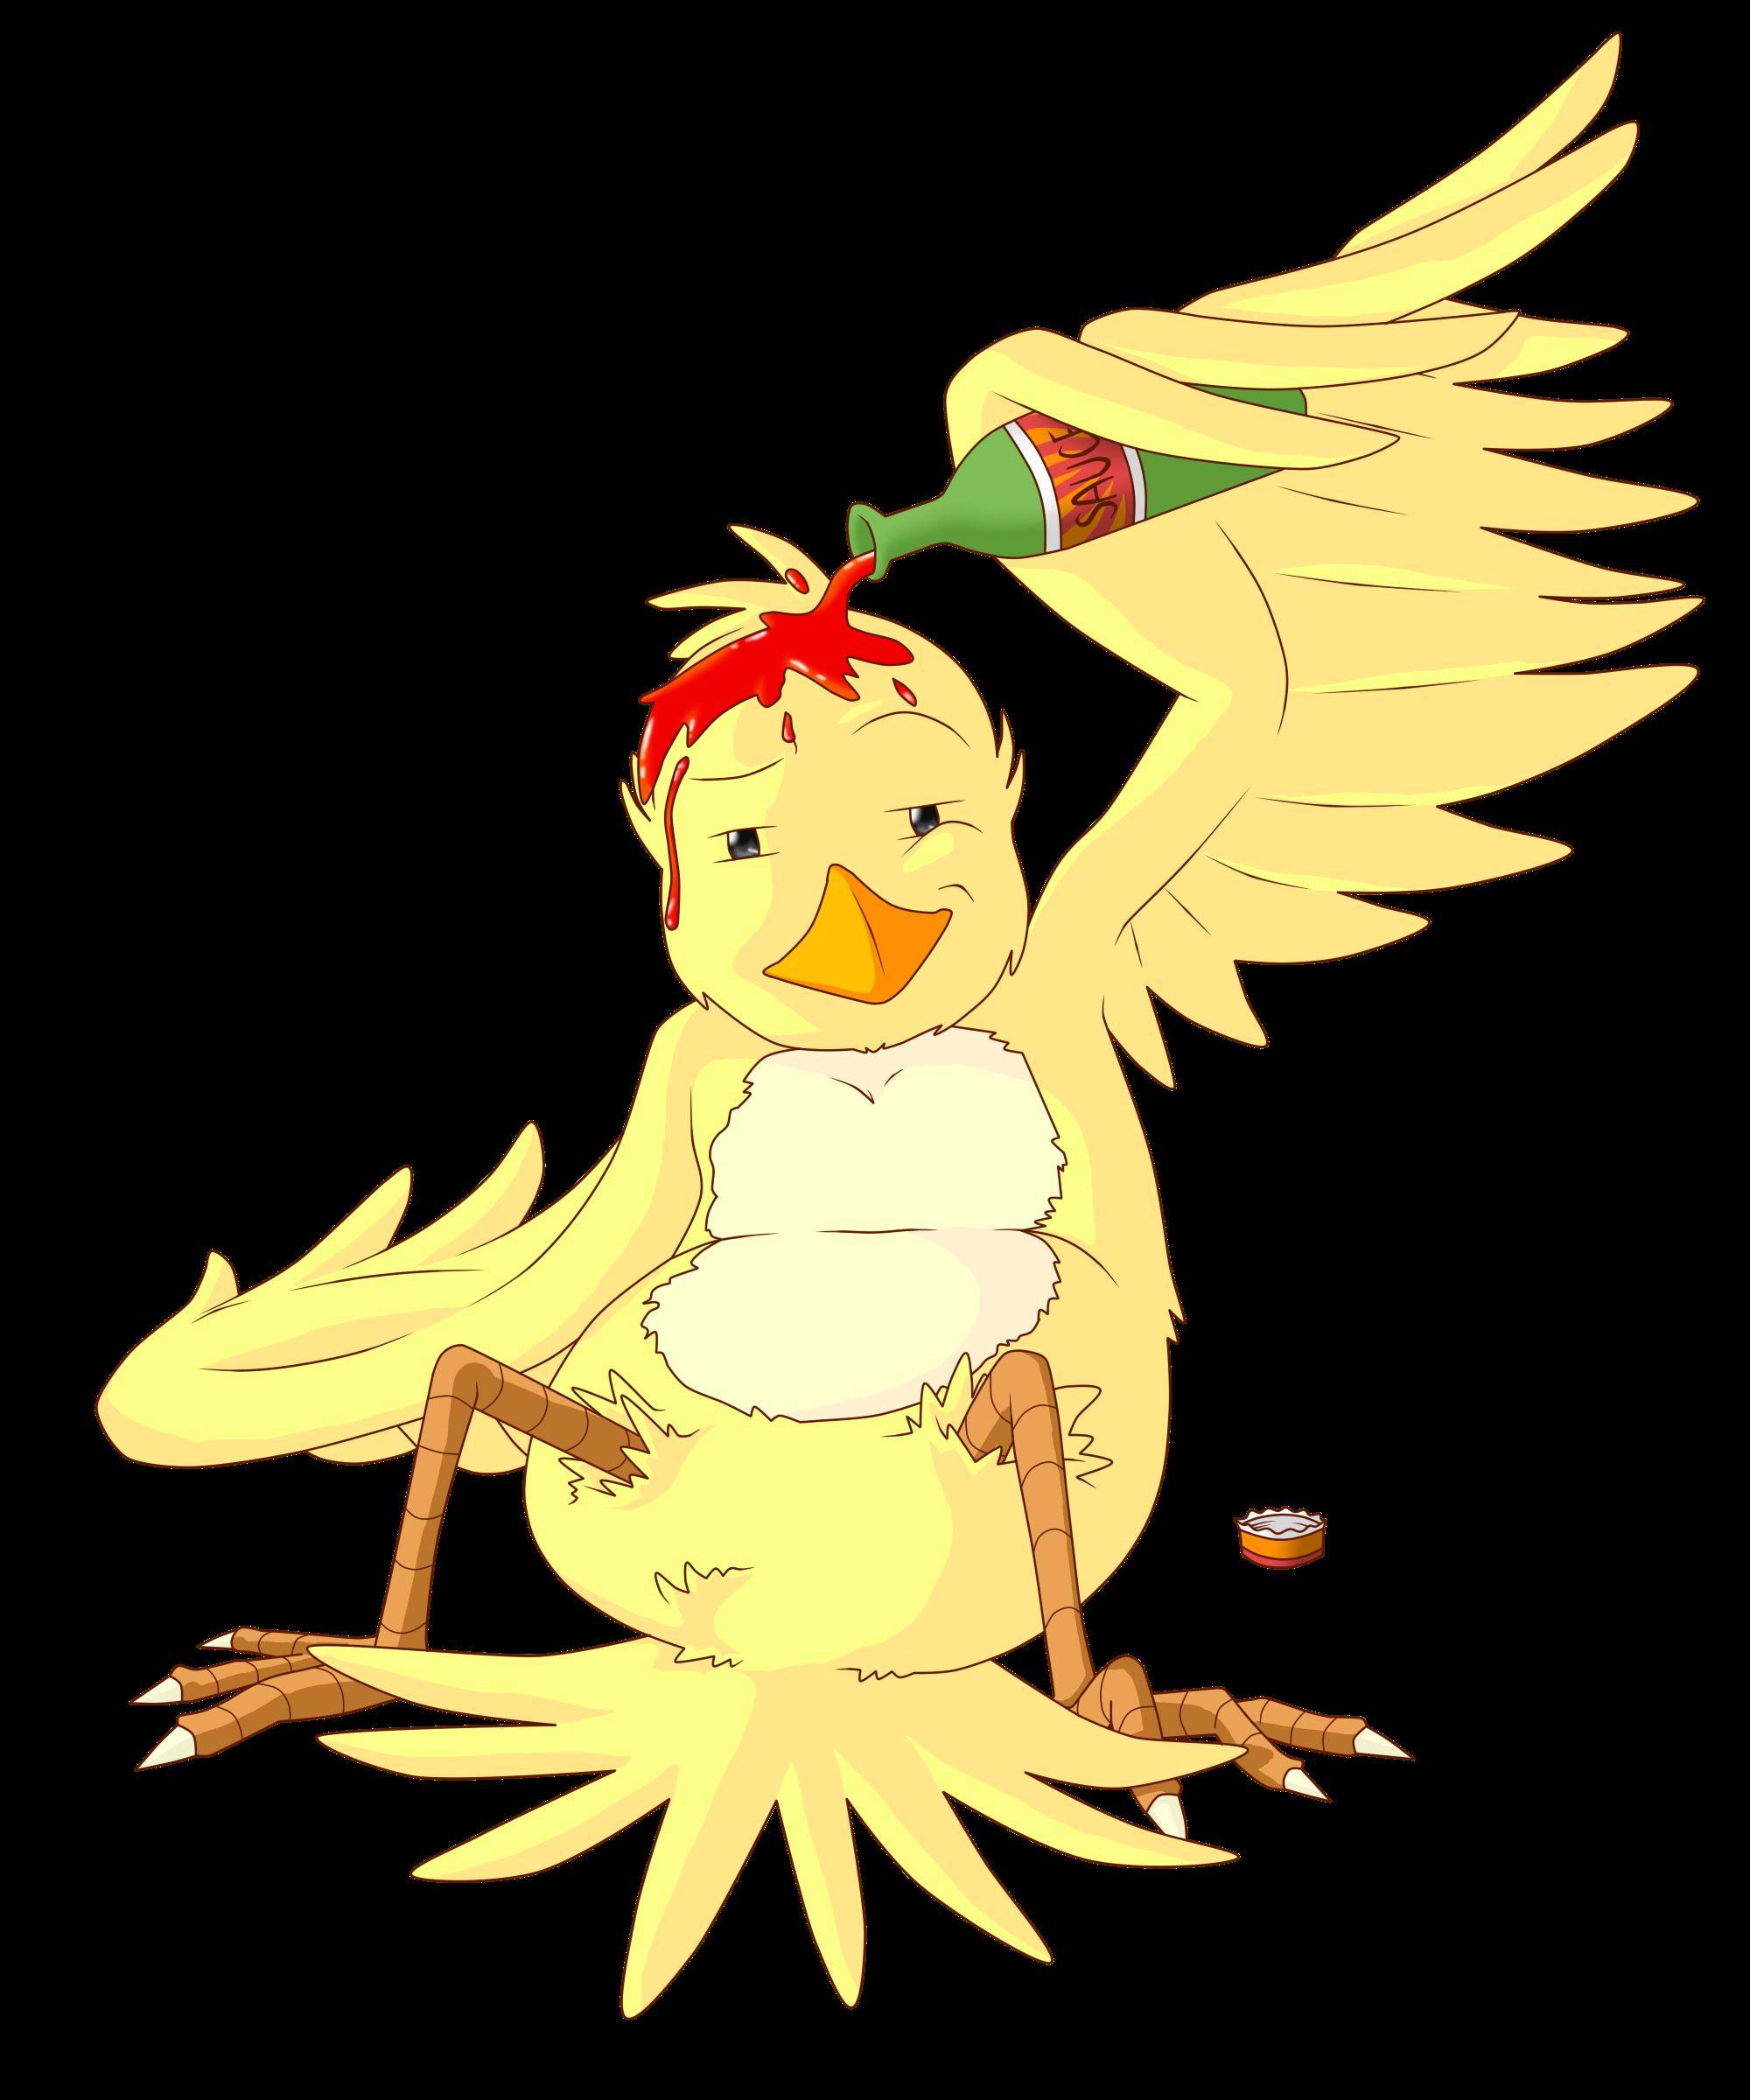 Request : saucybird 's OC 'Bird of the Sauce'